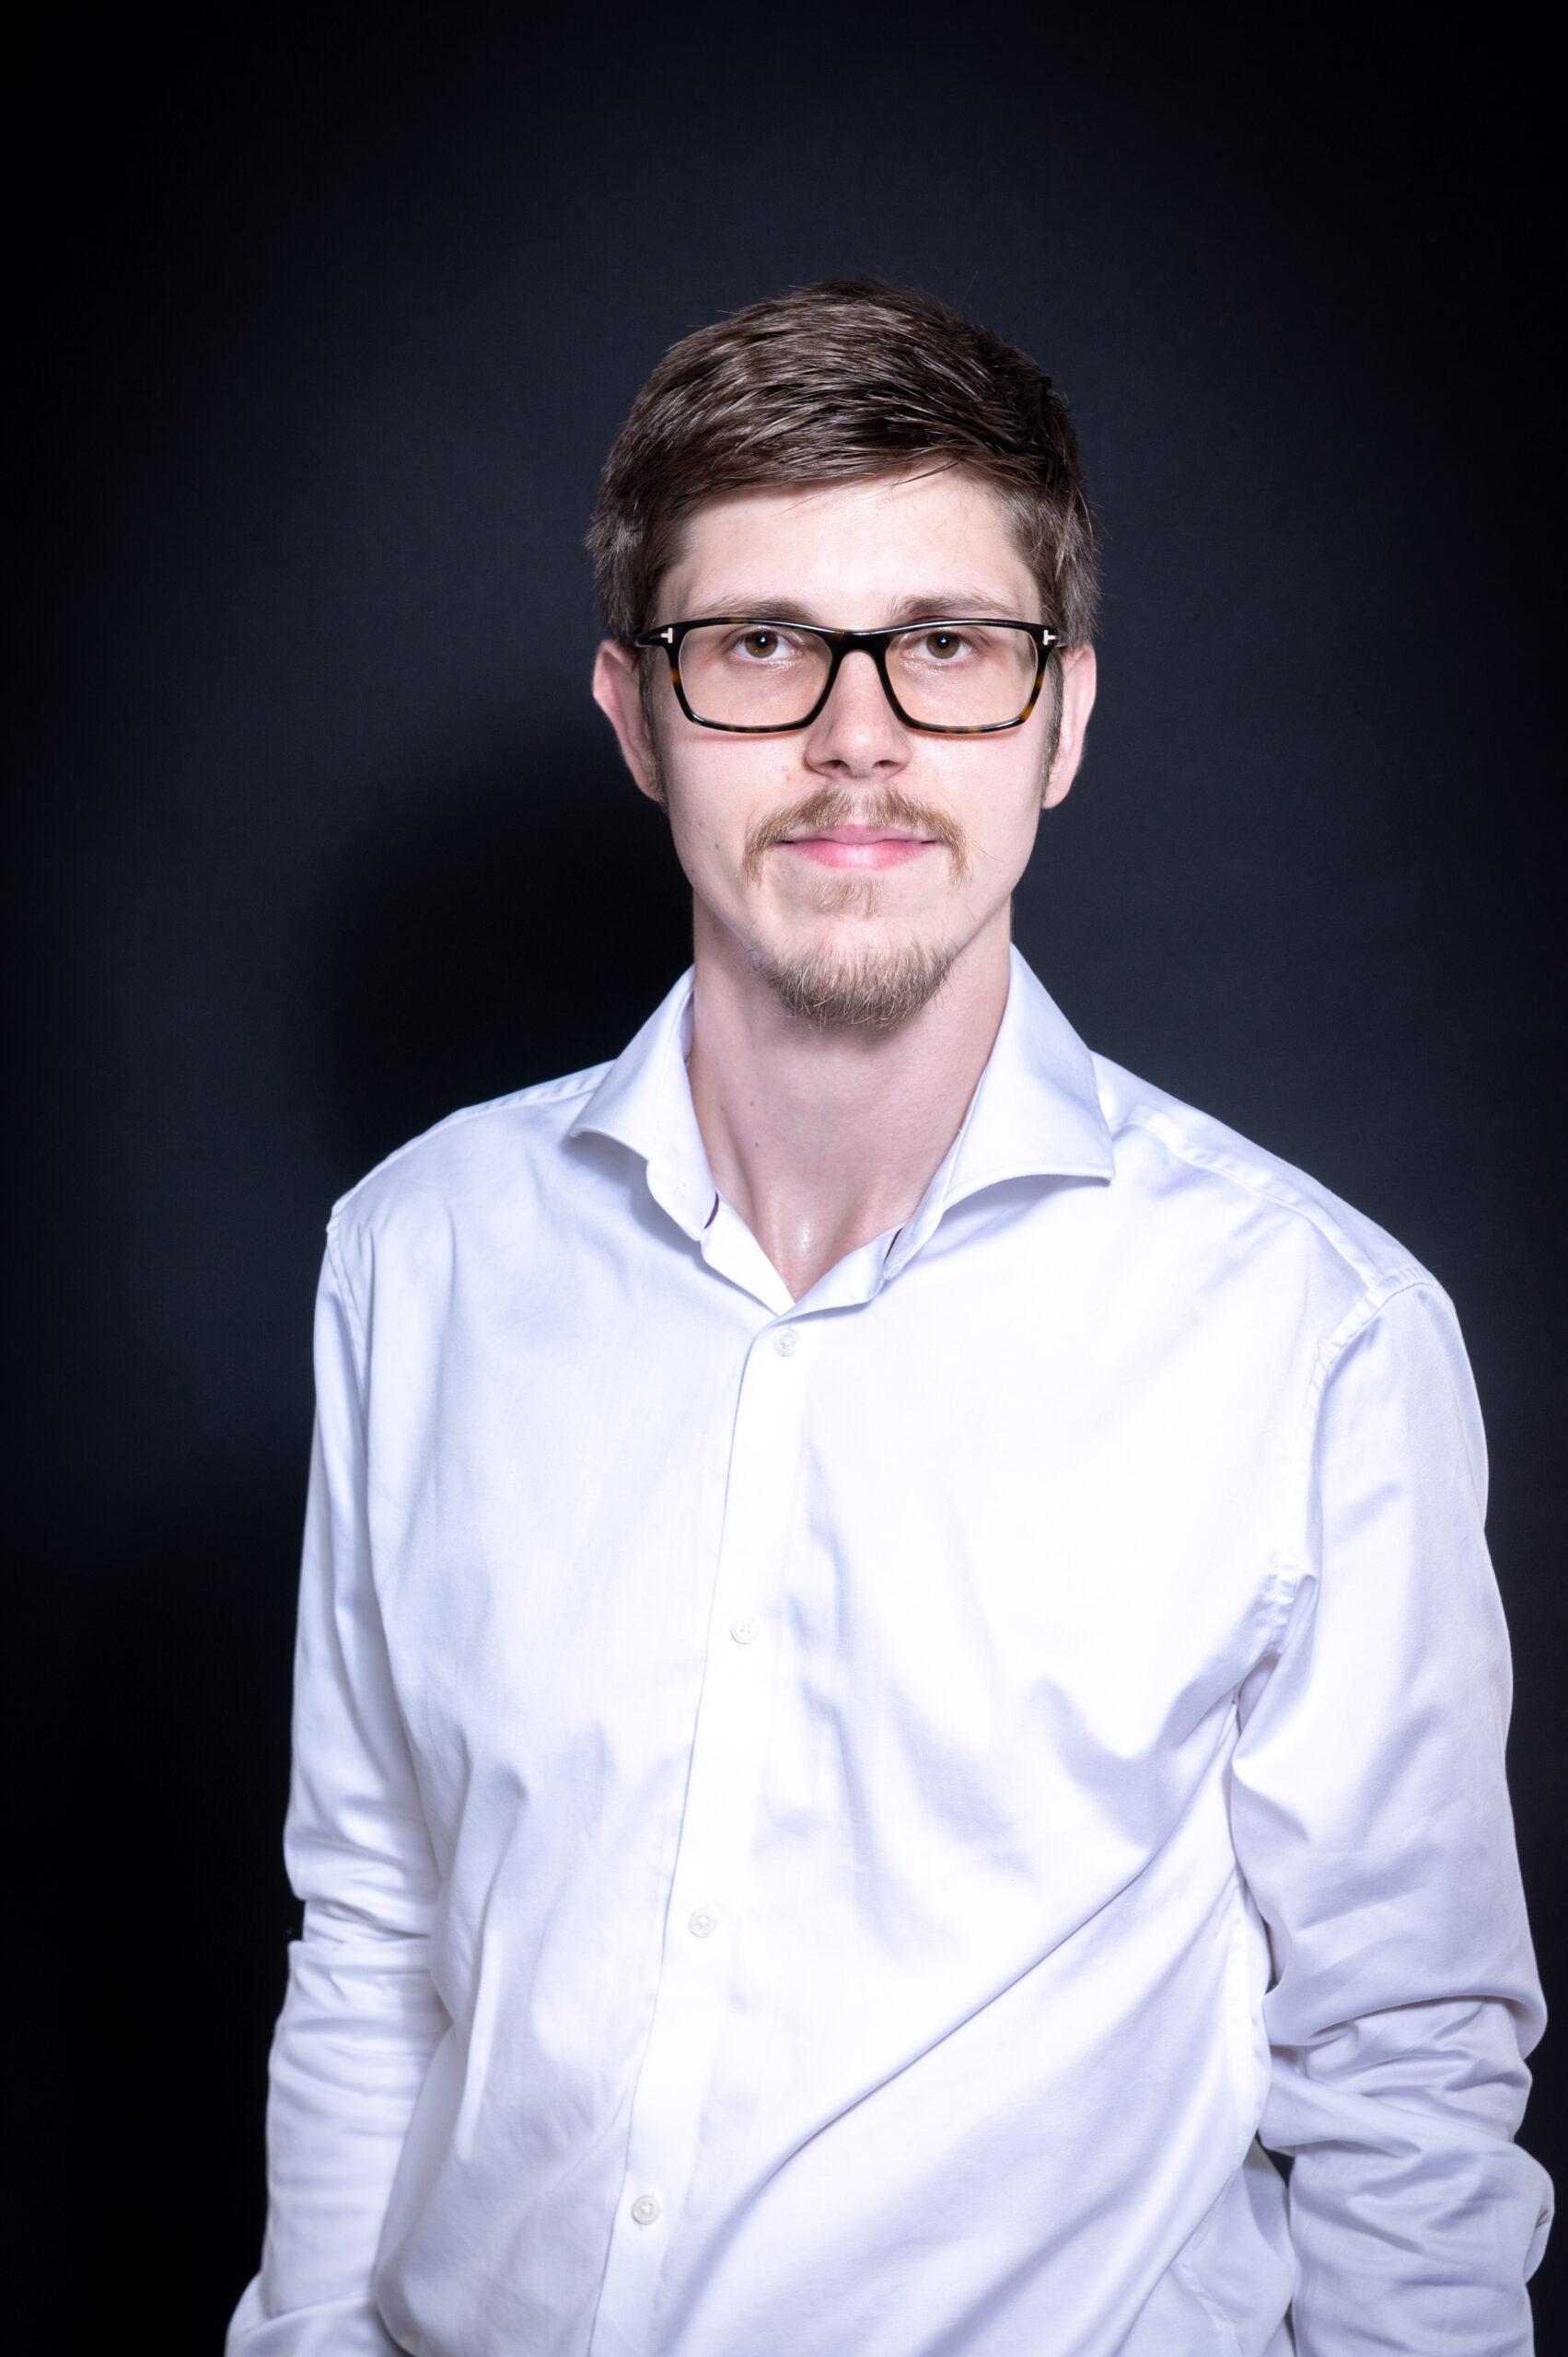 Gregor im Businesslook